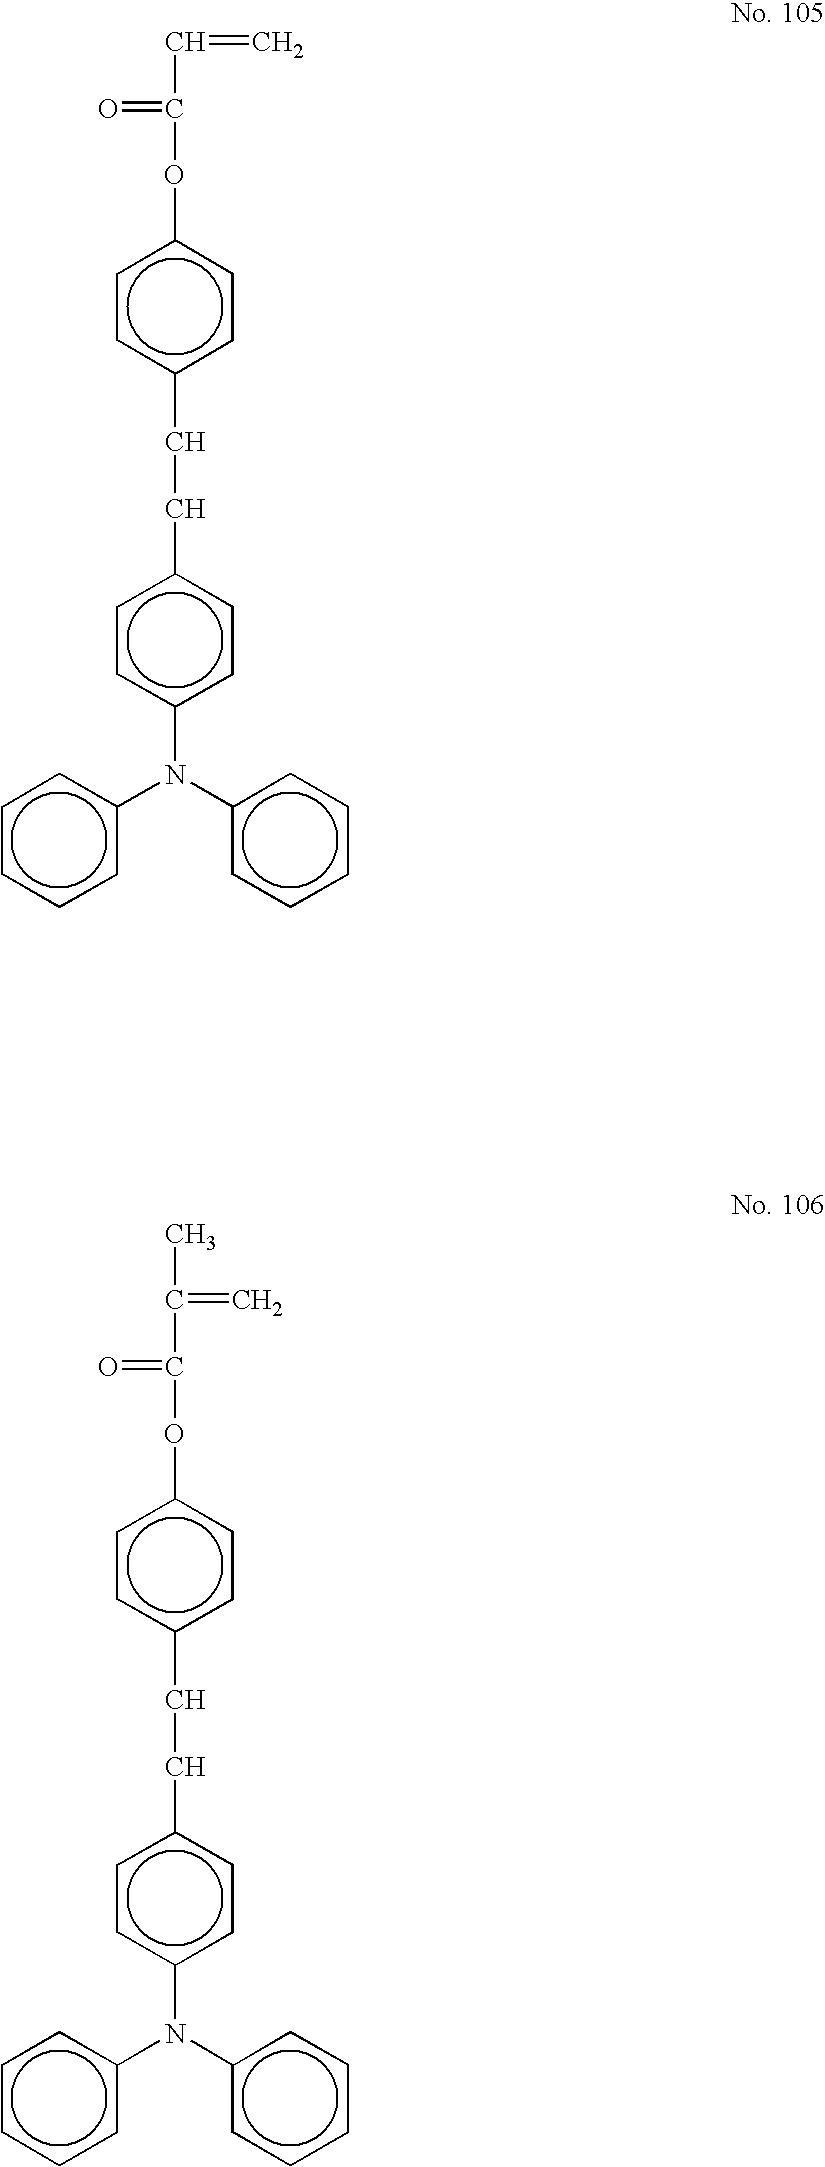 Figure US20060177749A1-20060810-C00053